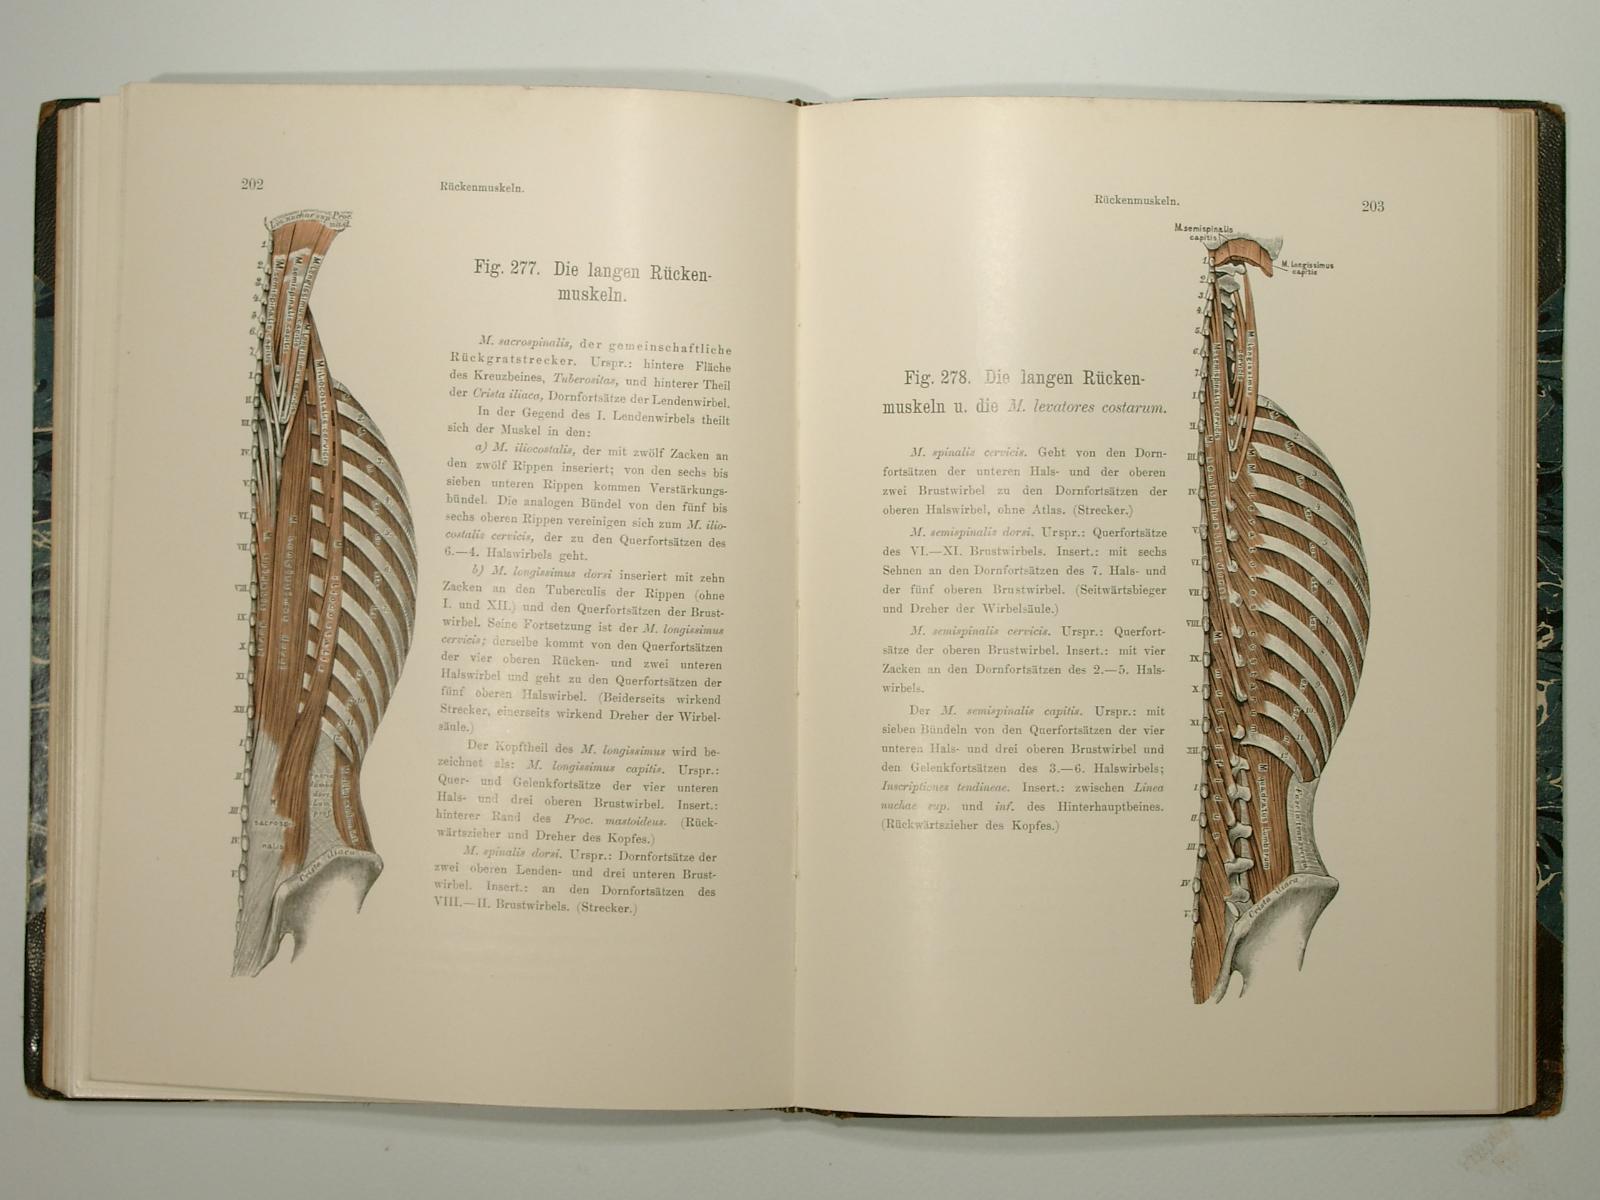 anatomie der gelenke - ZVAB